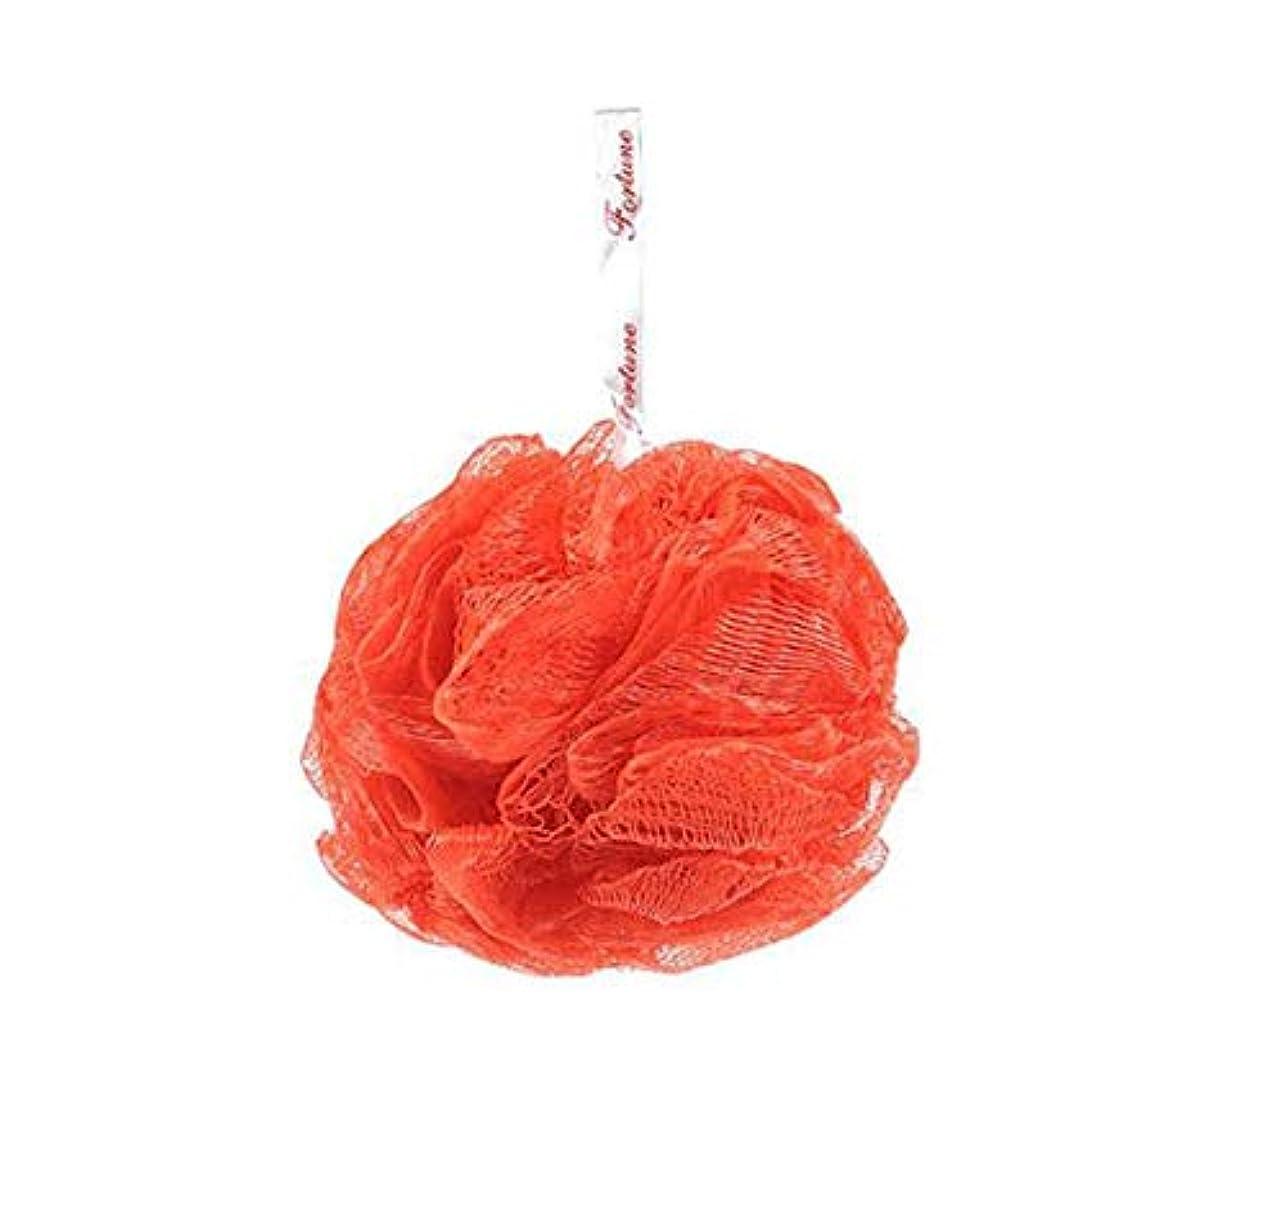 シフトゴールデンシャープHJ フラワーボール 泡立てネット たっぷり泡立つ ボディウォッシュボール お風呂用ボール ふわふわ 色ランダム (2個セット)